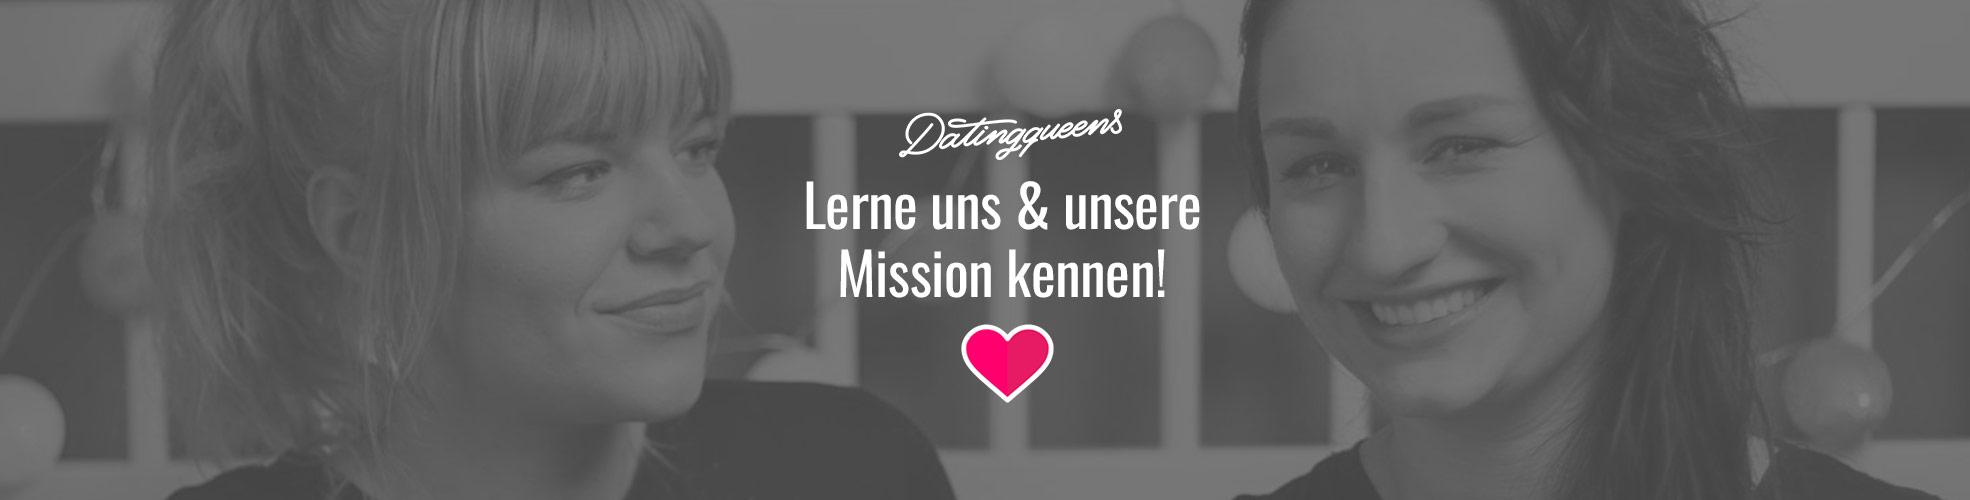 Datingqueens_wir_und_mission